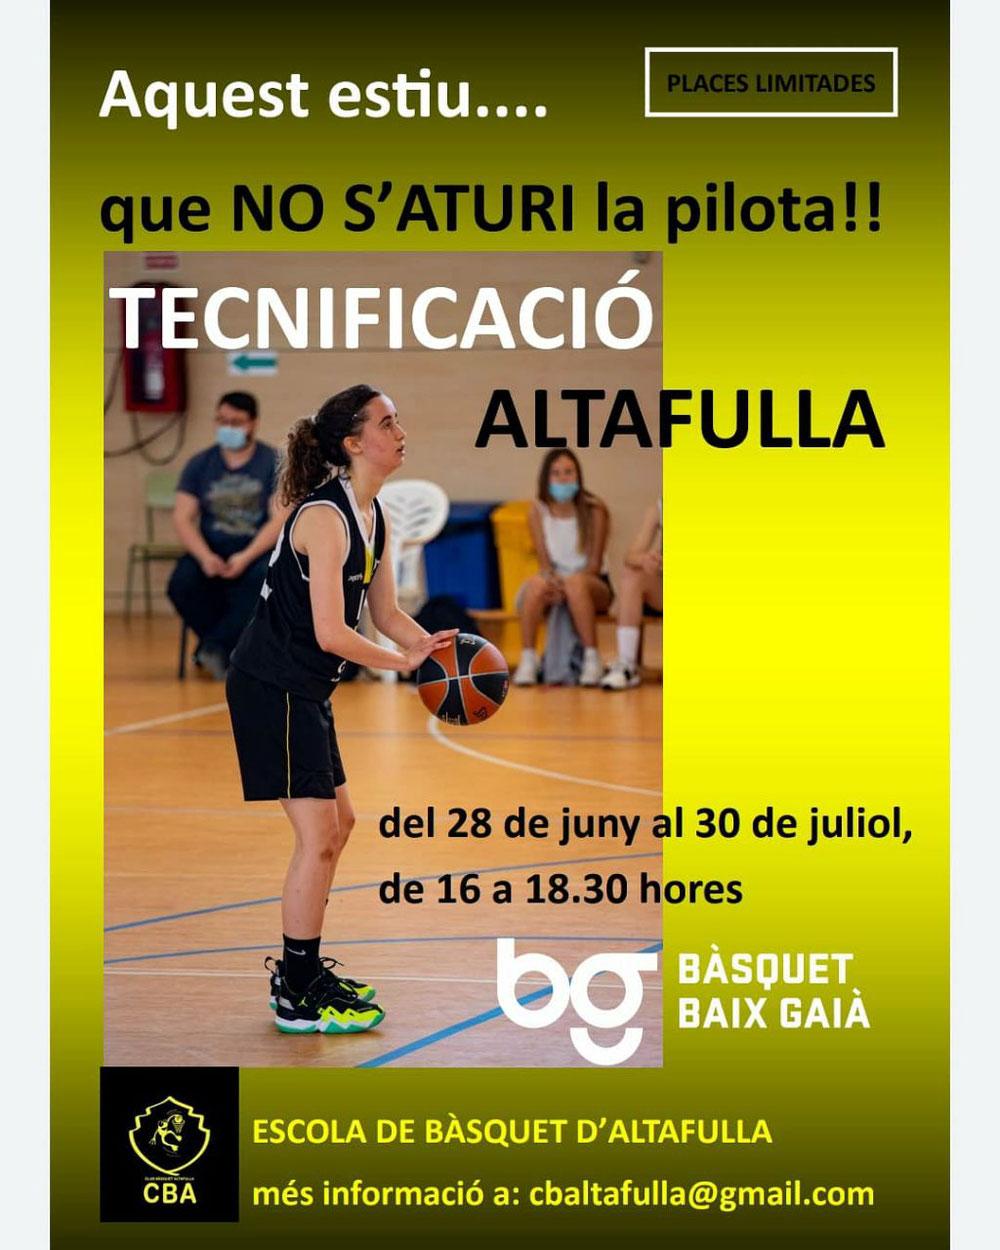 TECNIFICACIÓ ALTAFULLA  - PAVELLÓ MUNICIPAL  Del 28 de juny al 30 de juliol, de 16 a 18.30 hores